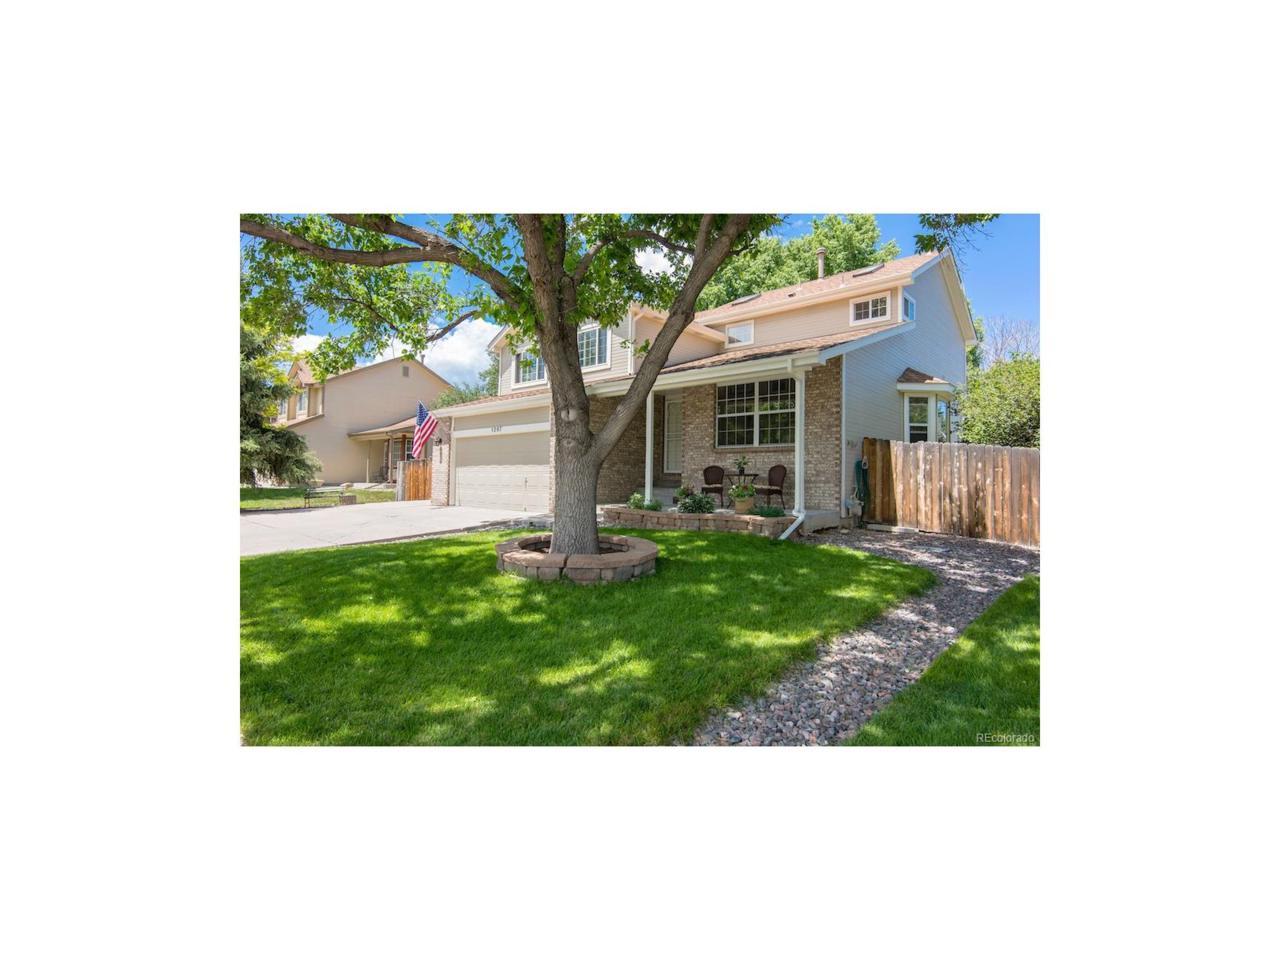 1287 Loch Ness Avenue, Broomfield, CO 80020 (MLS #5627946) :: 8z Real Estate